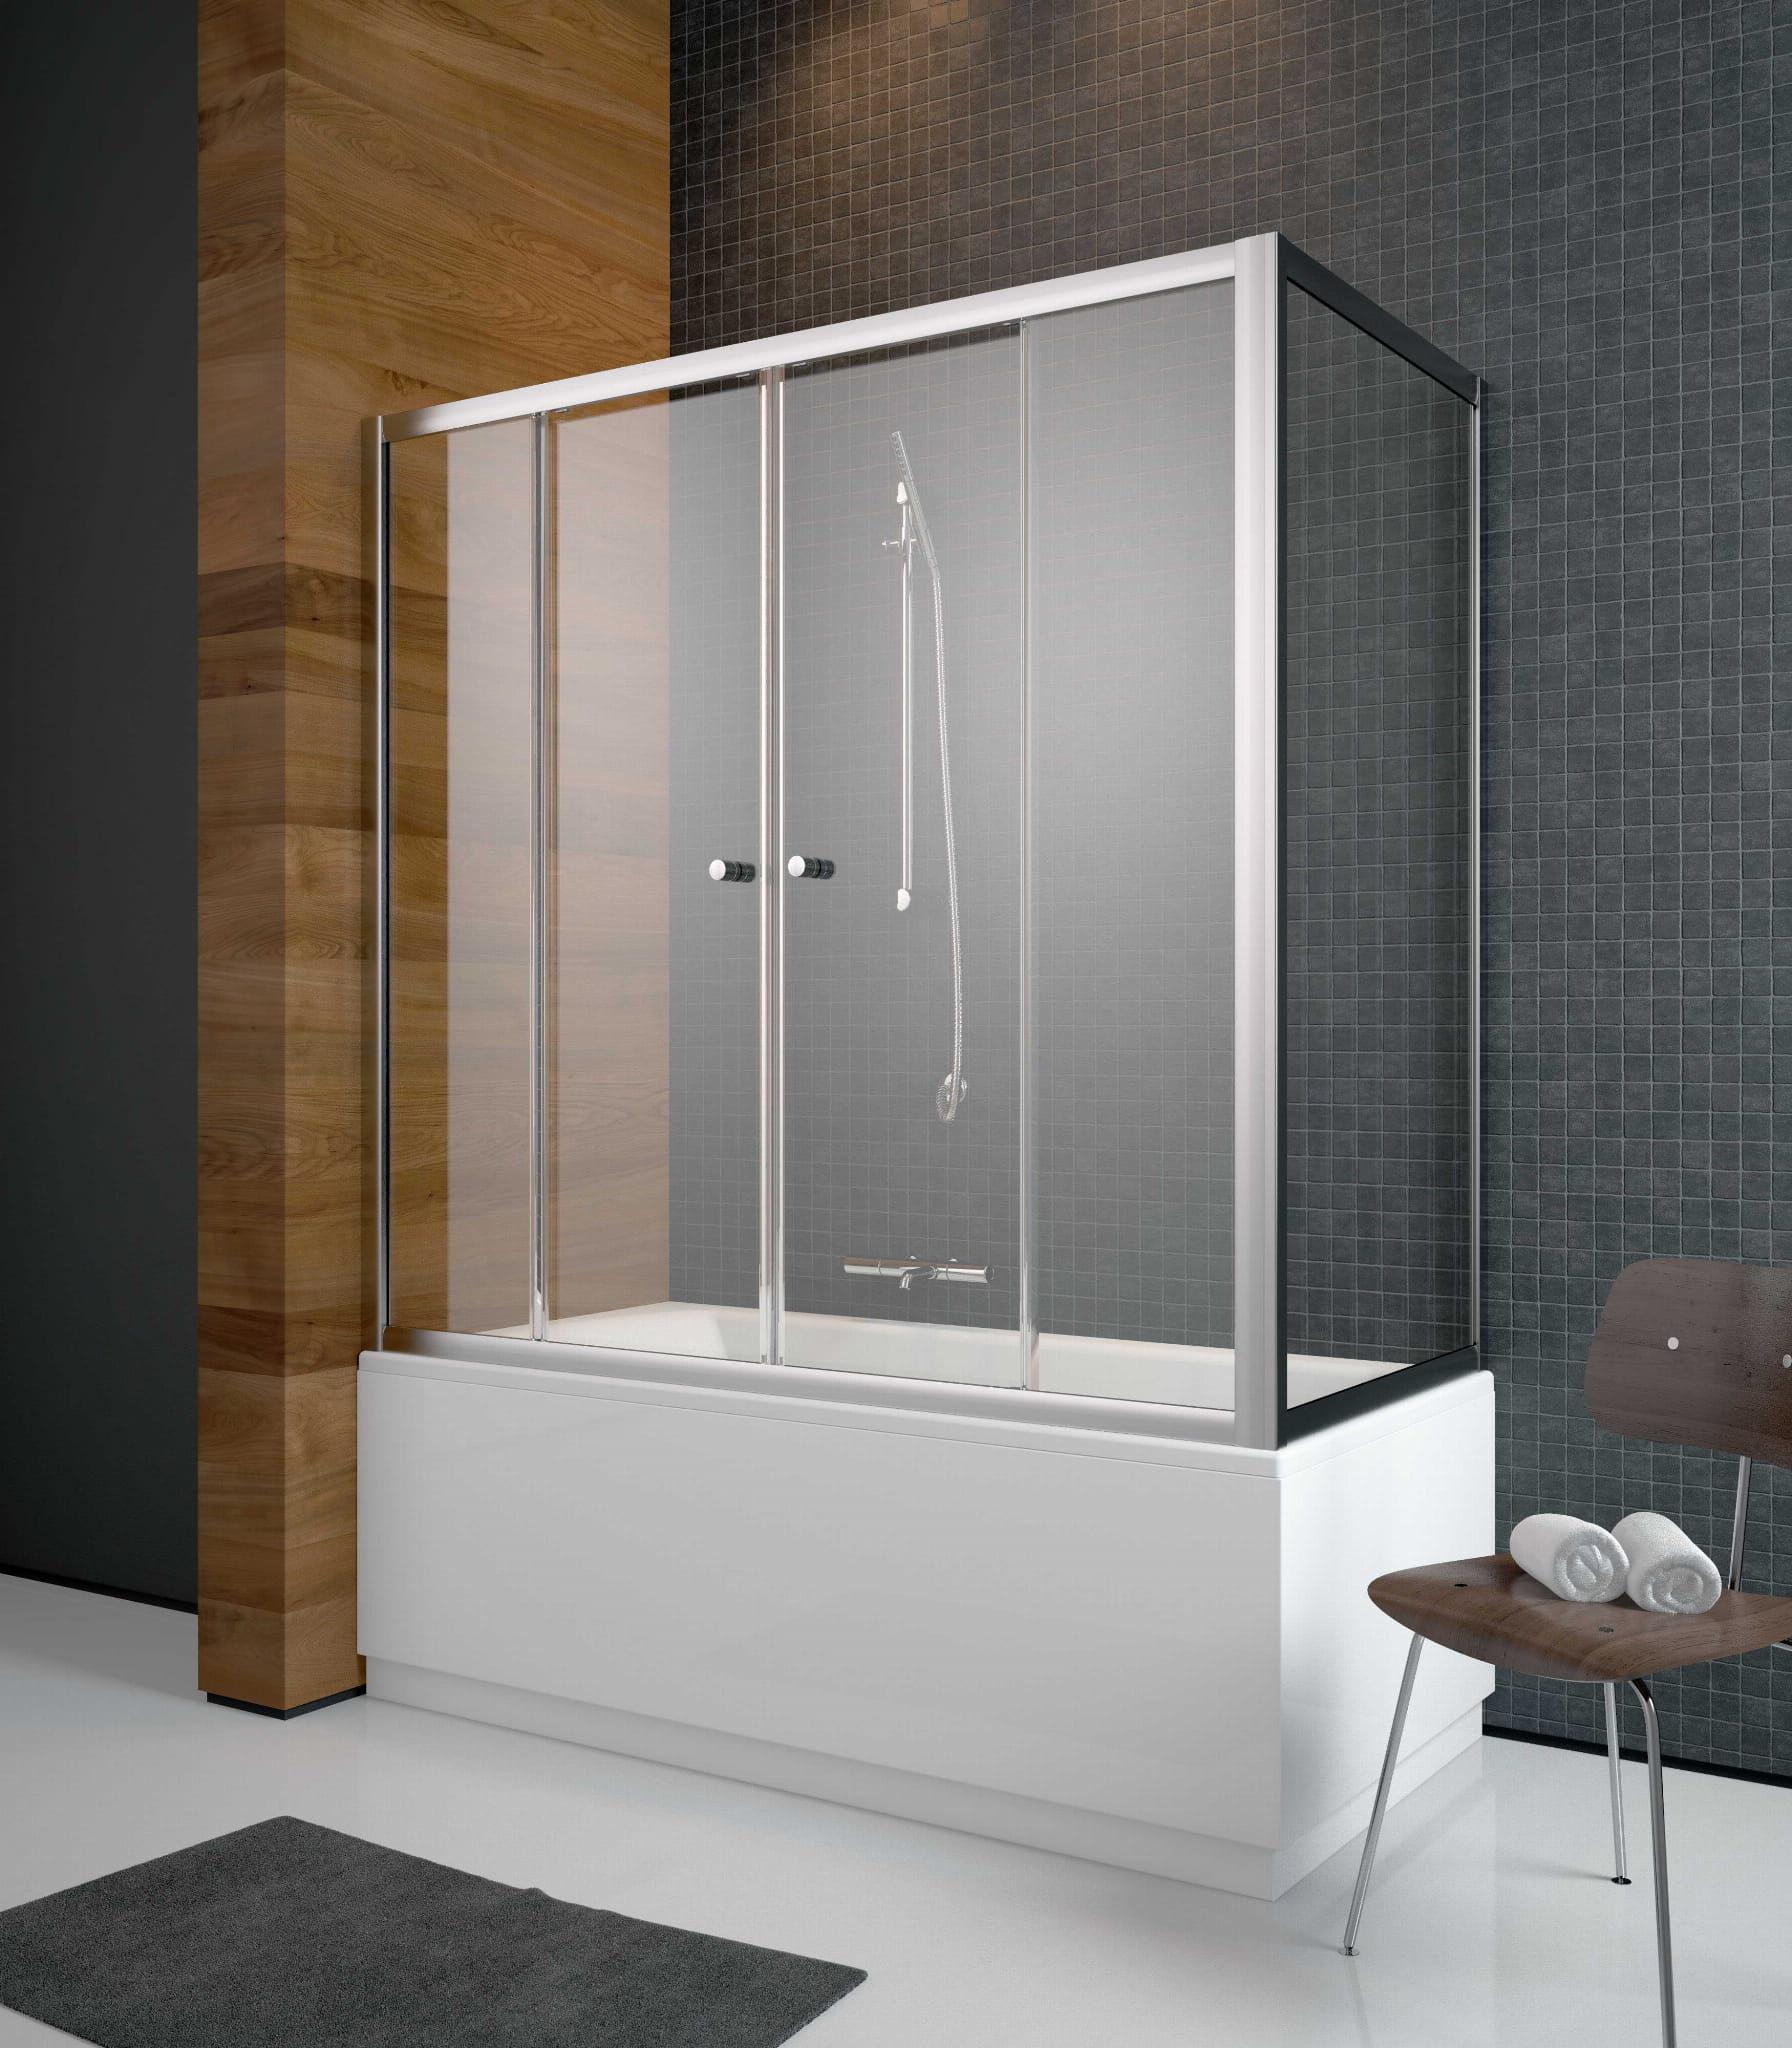 Radaway zabudowa nawannowa Vesta DWD+S 170 x 70, szkło przejrzyste, wys. 150 cm 203170-01/204070-01